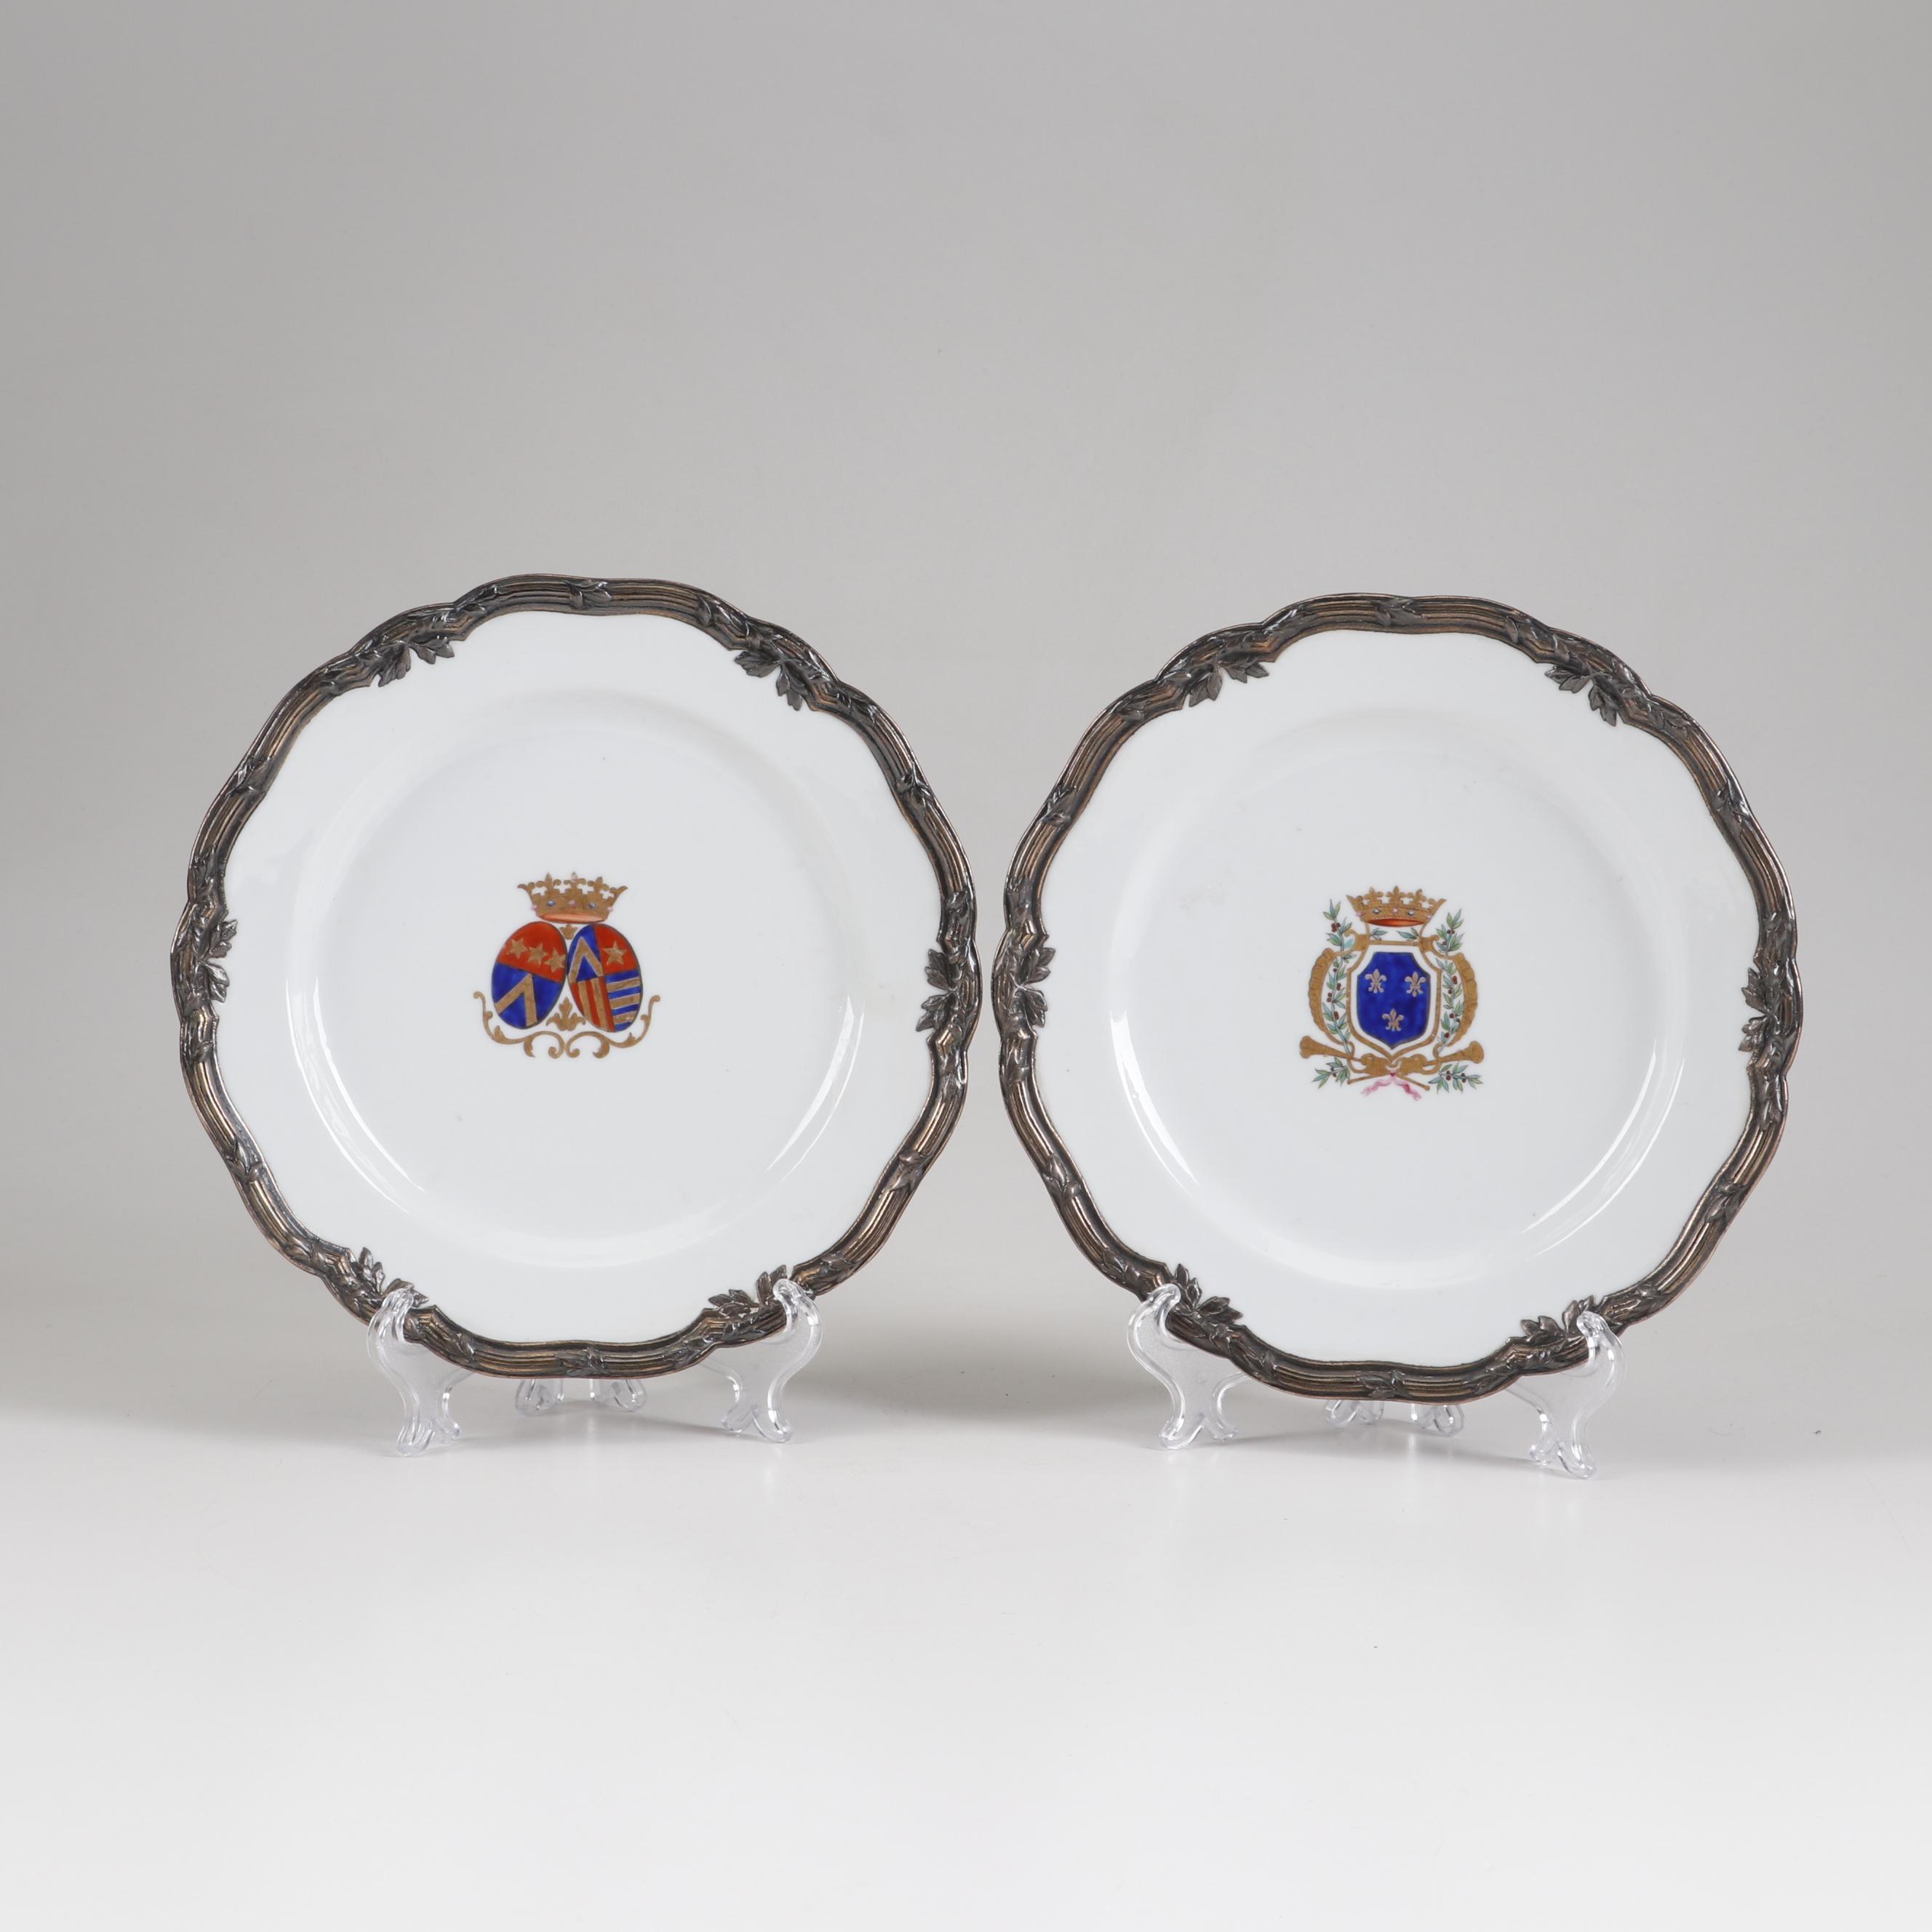 1780 Sevrés Hand-Painted Gilt Metal Mounted Porcelain Plates